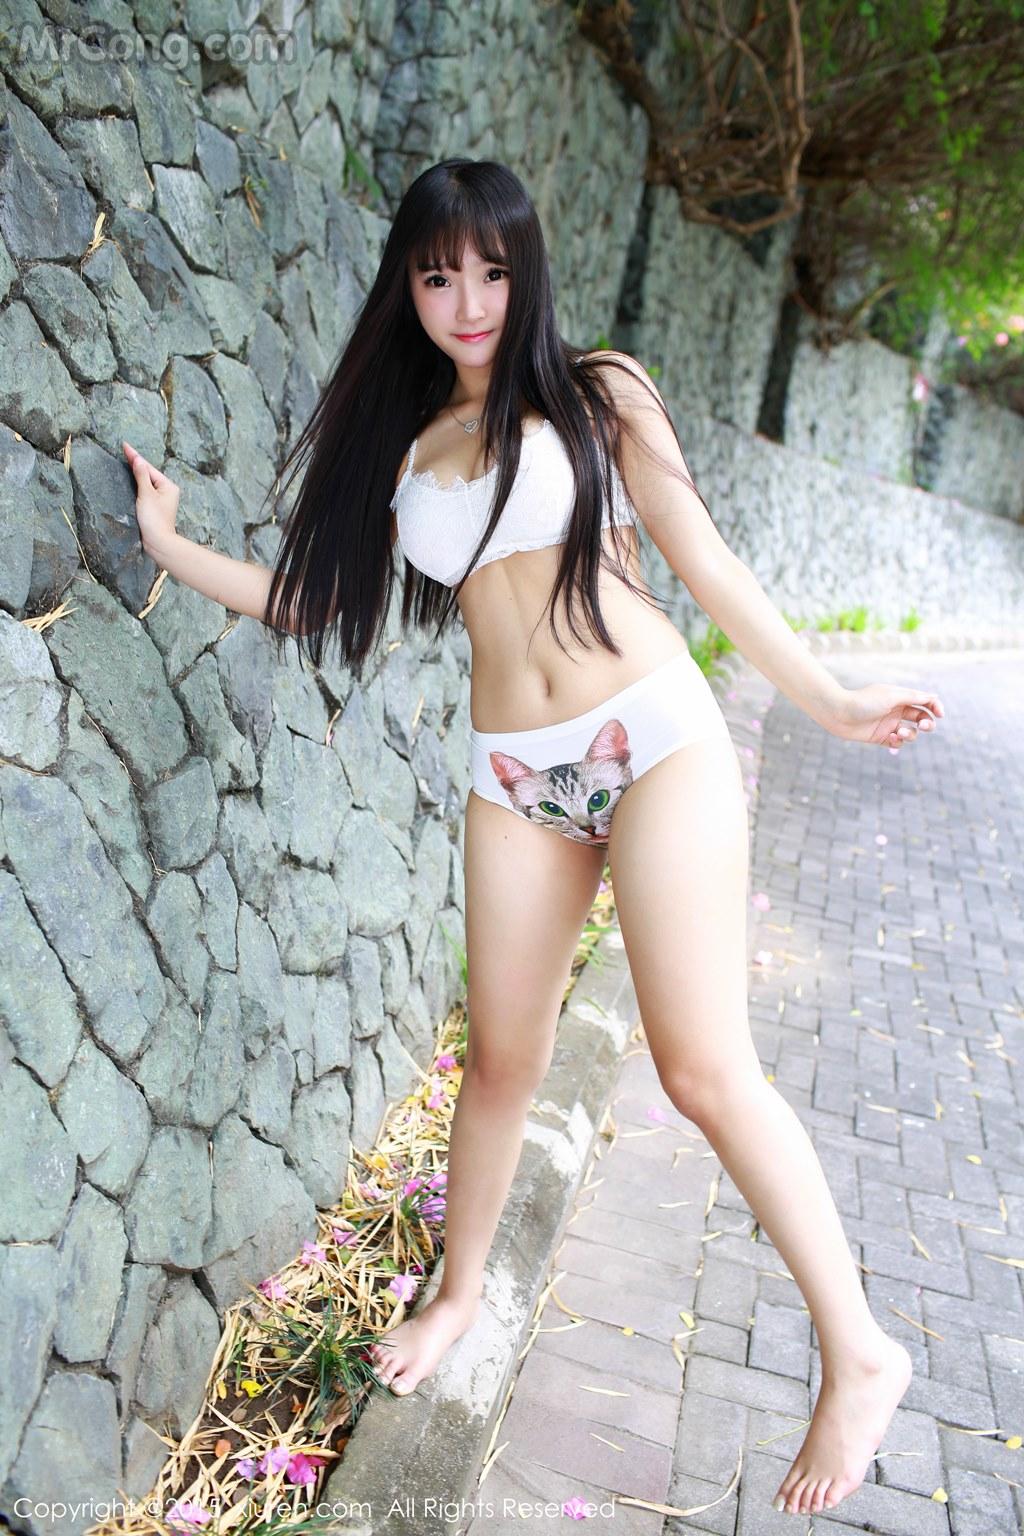 MrCong.com XIUREN No.409 Xia Yao baby 027 - XIUREN No.409: Model Xia Yao baby (夏 瑶 baby) (56 photos)